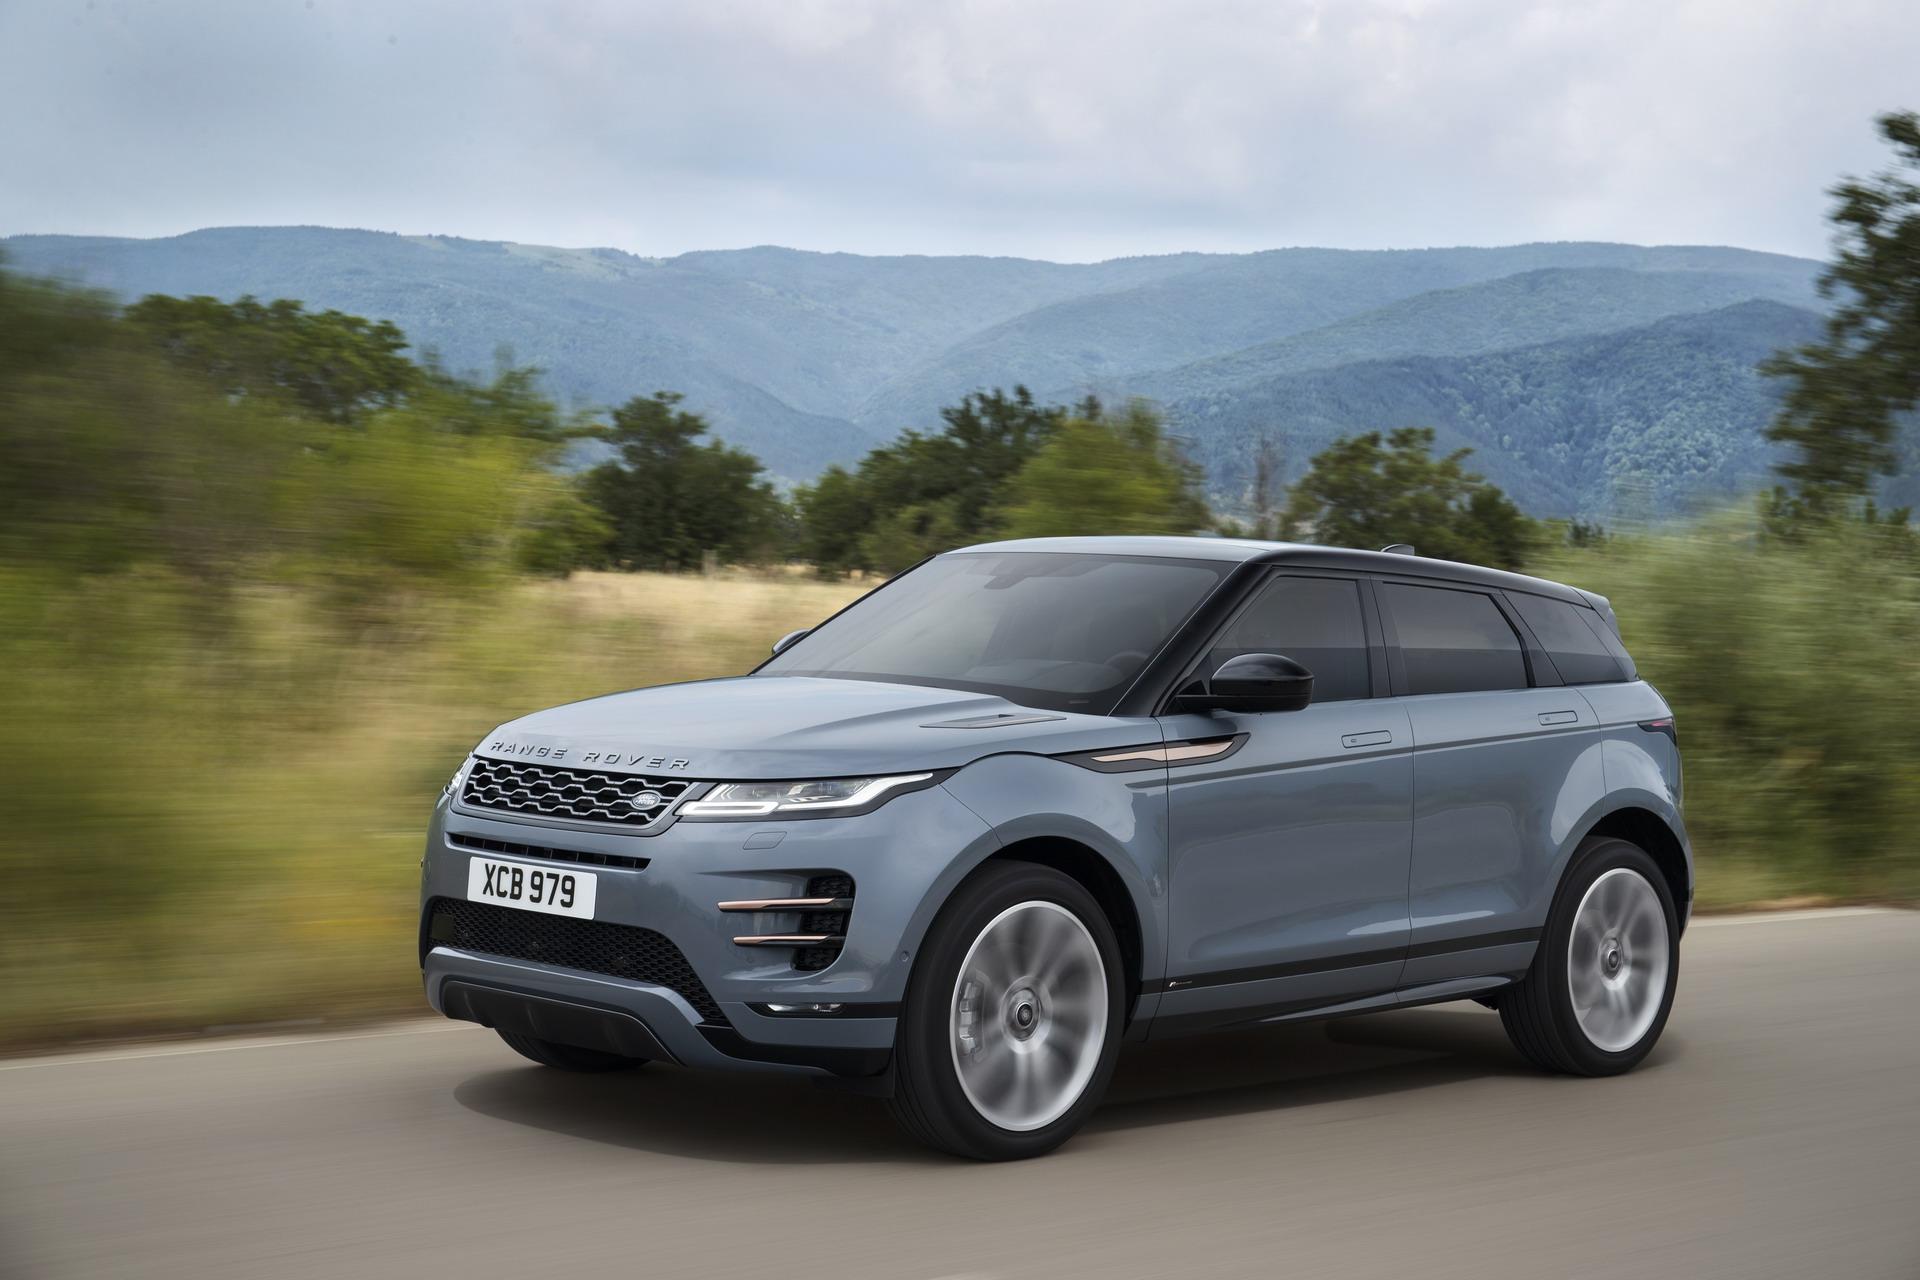 Stigao je novi Range Rover Evoque! (GALERIJA)